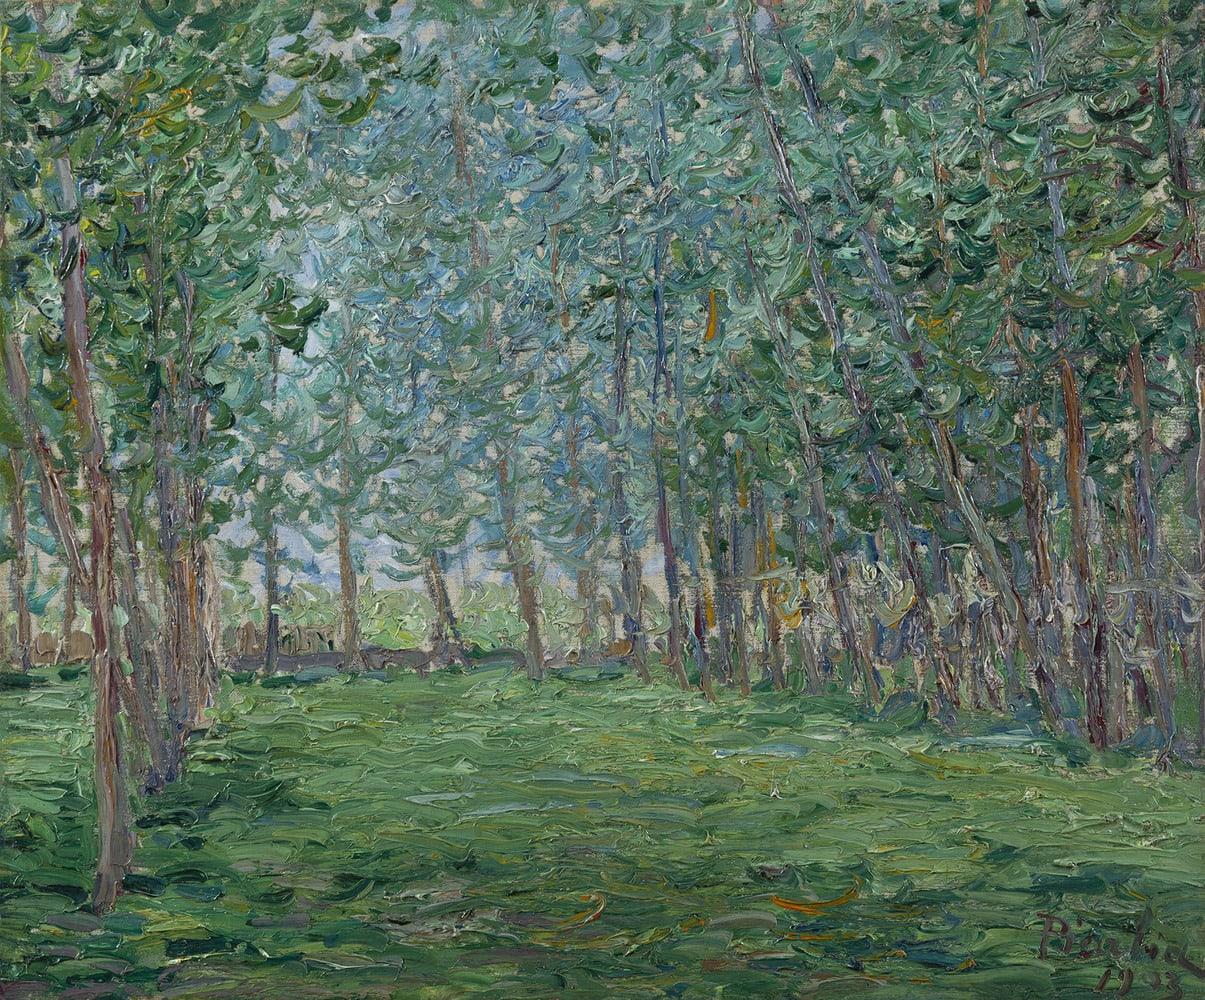 FRANCIS PICABIA, Champ près d'un bois, 1903